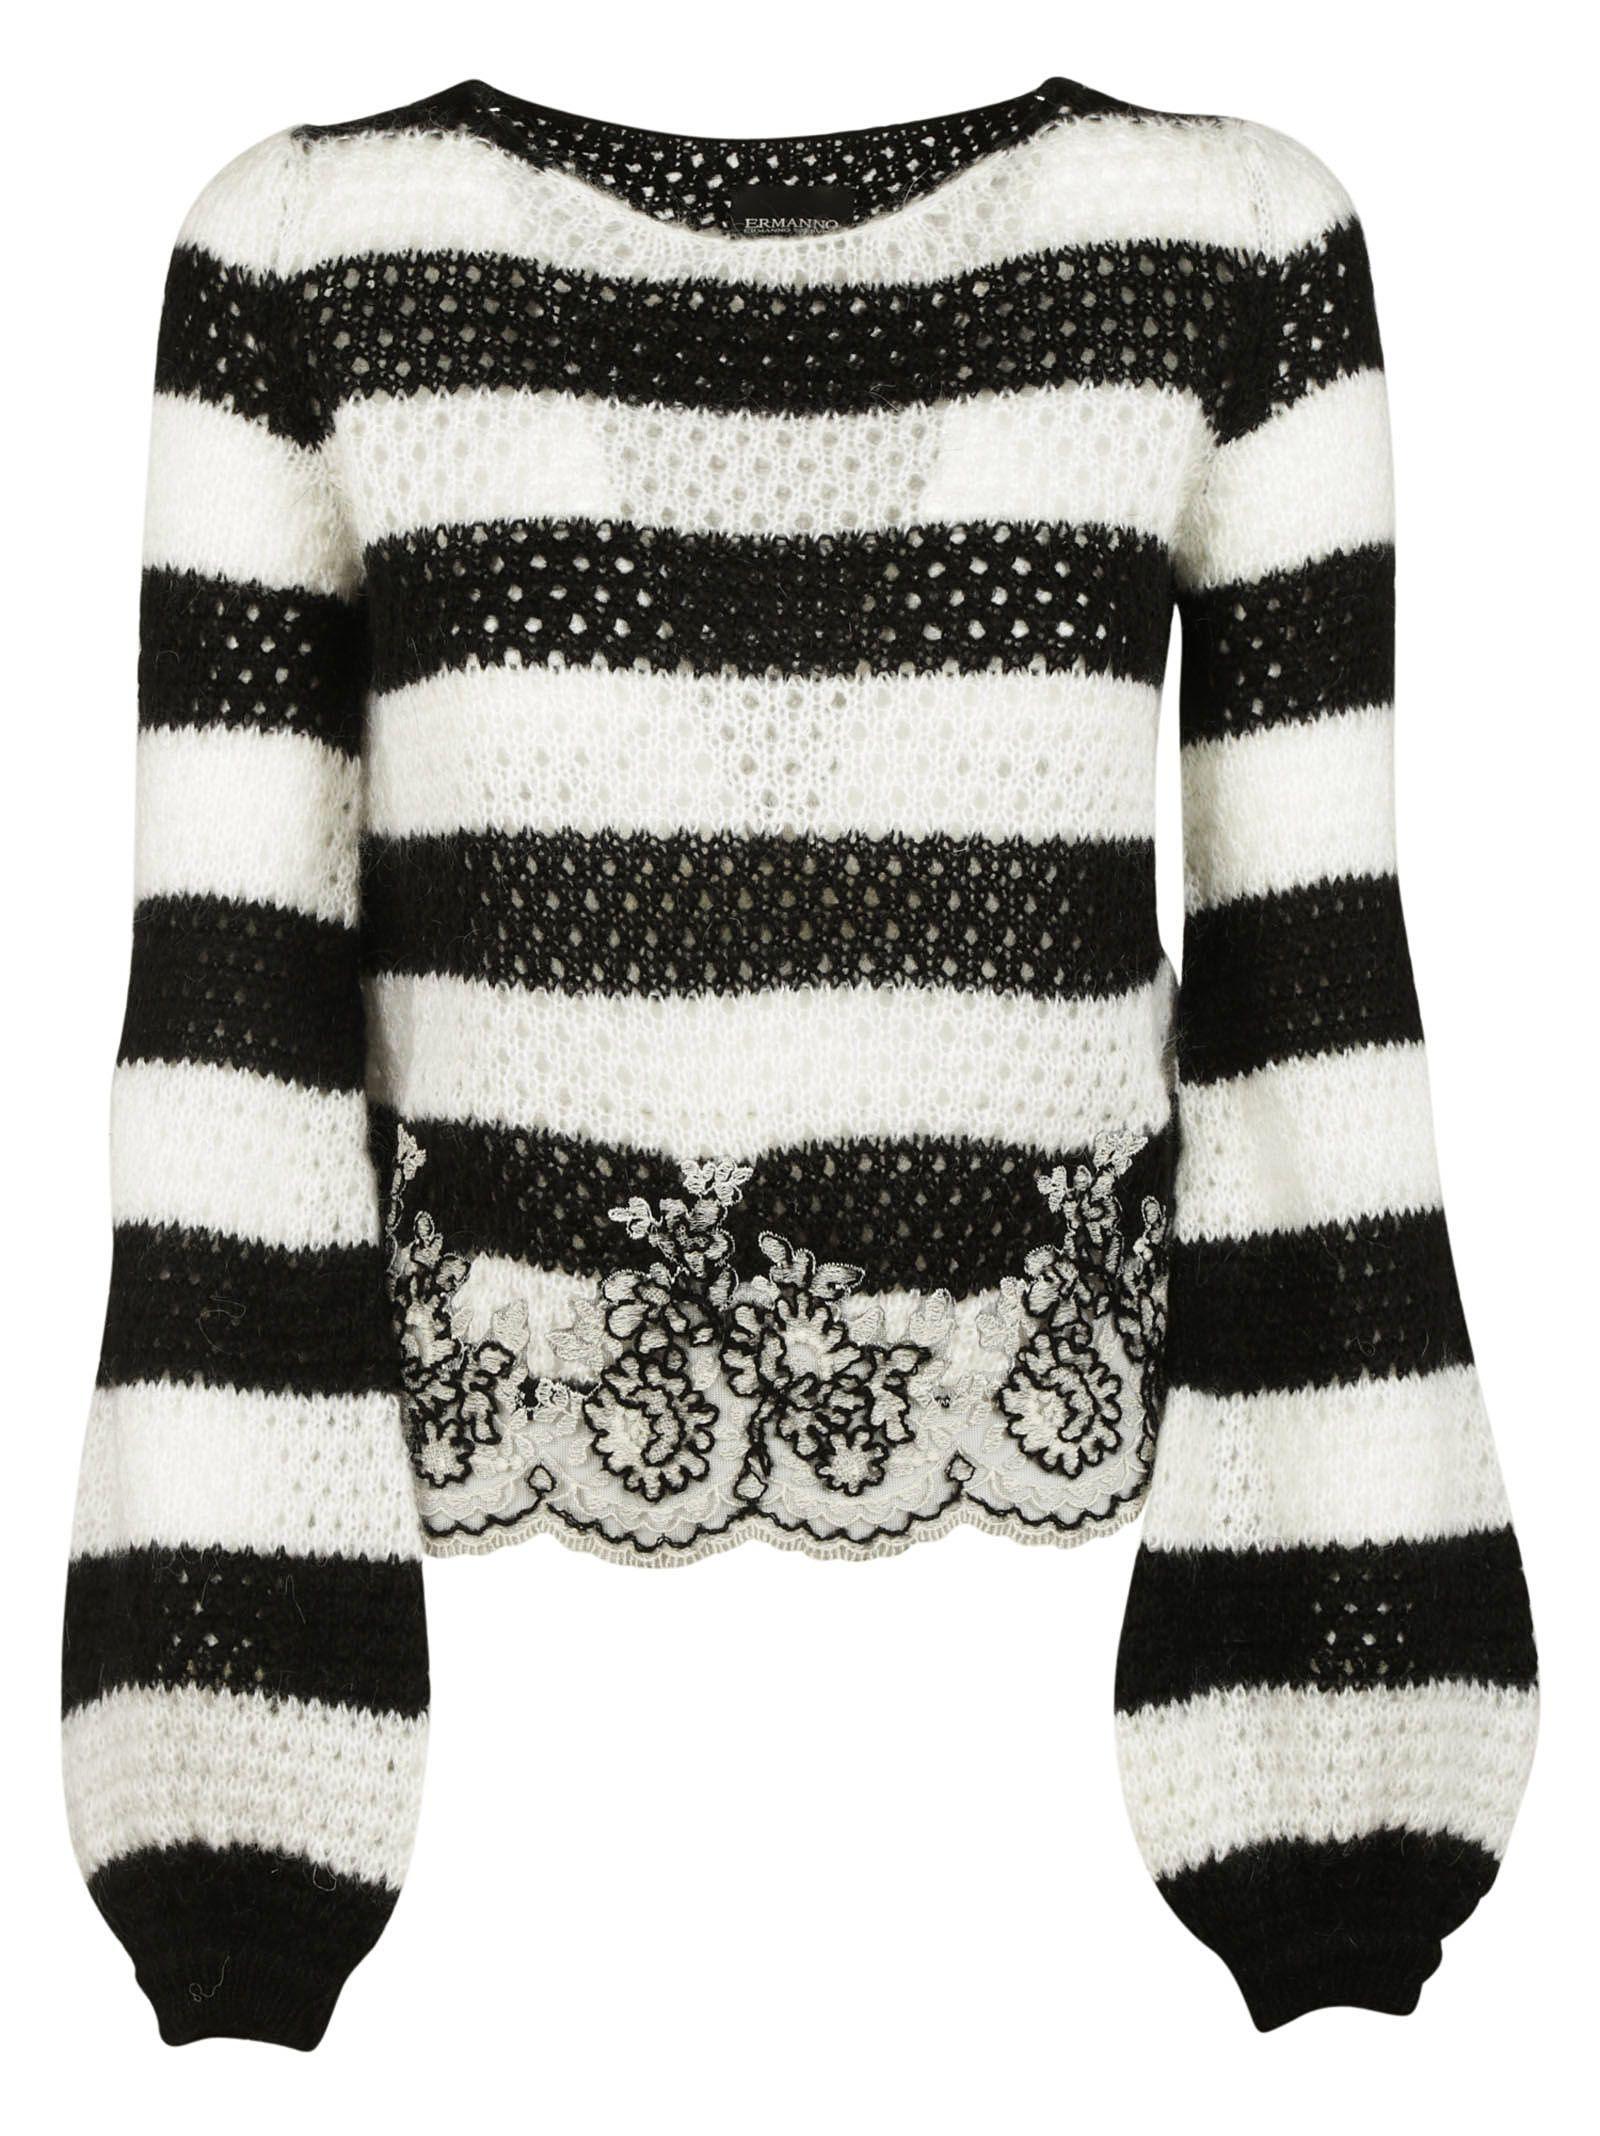 Ermanno Scervino Striped Sweater